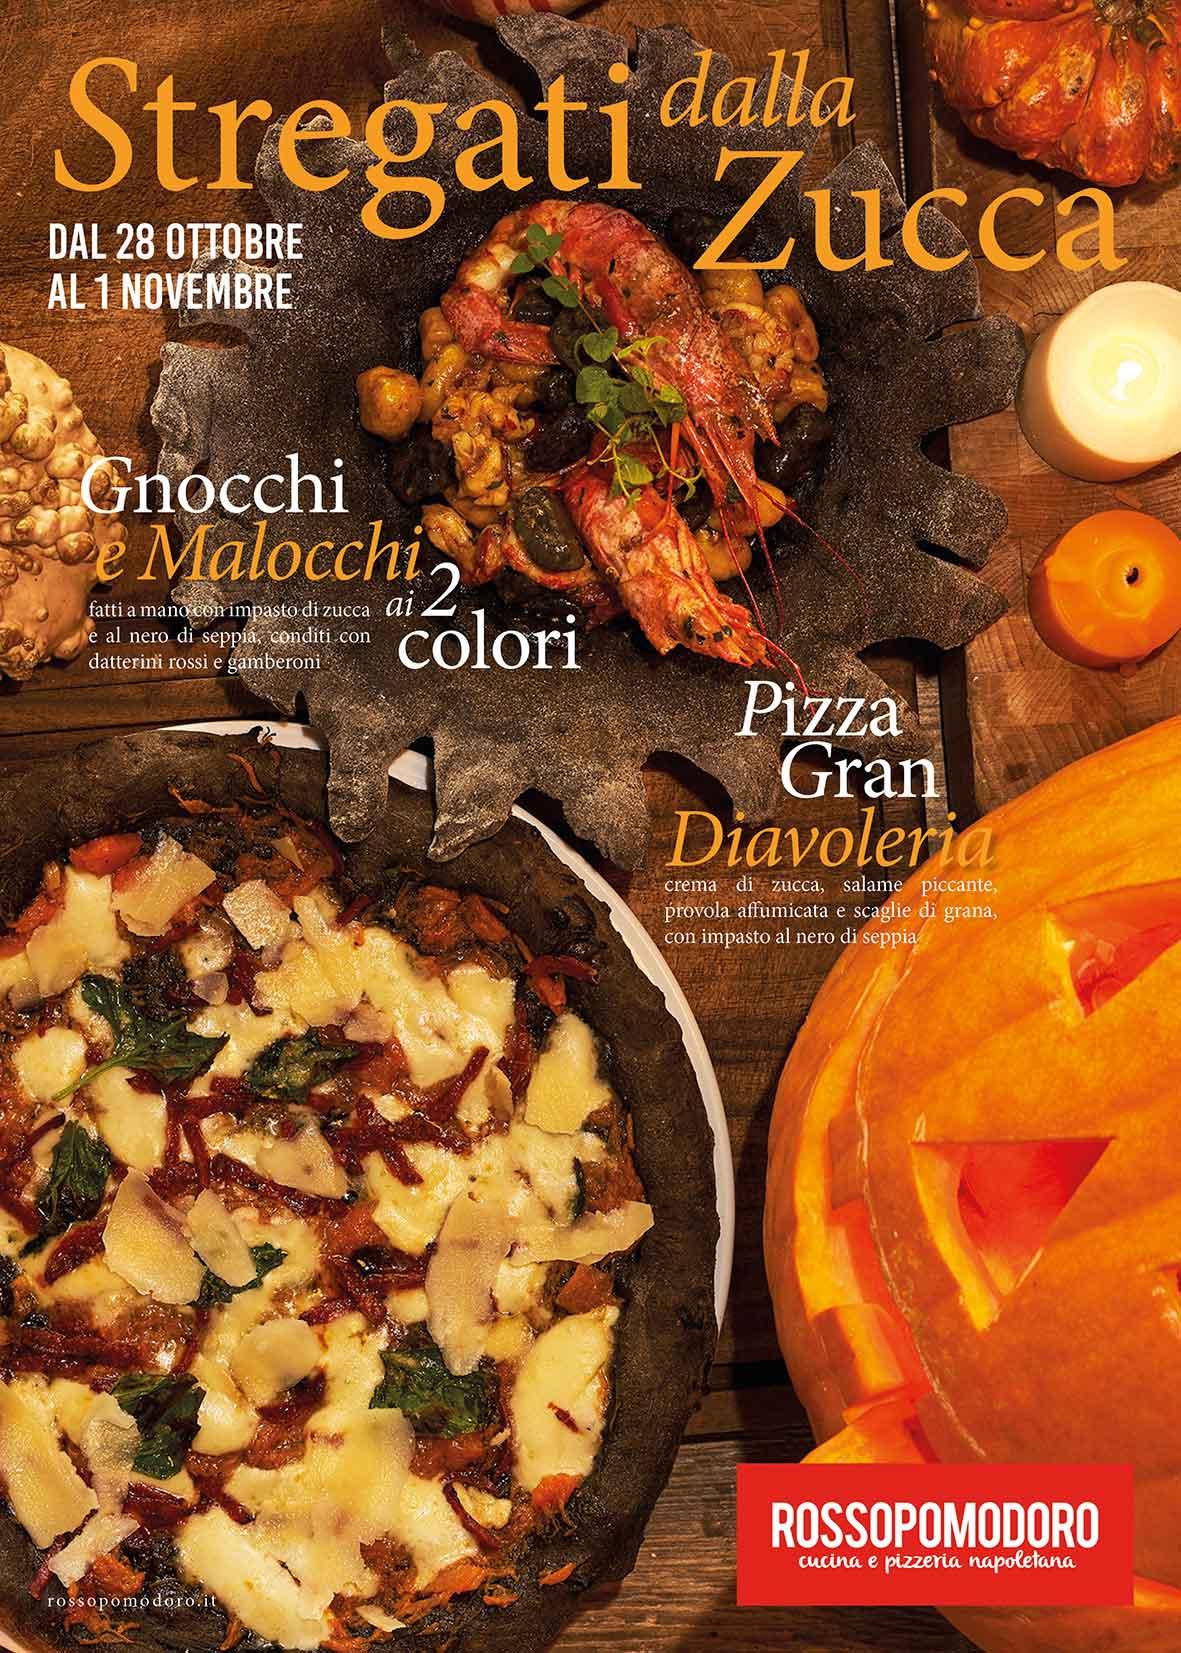 halloween-zucca-pizza-gnocchi-rossopomodoro